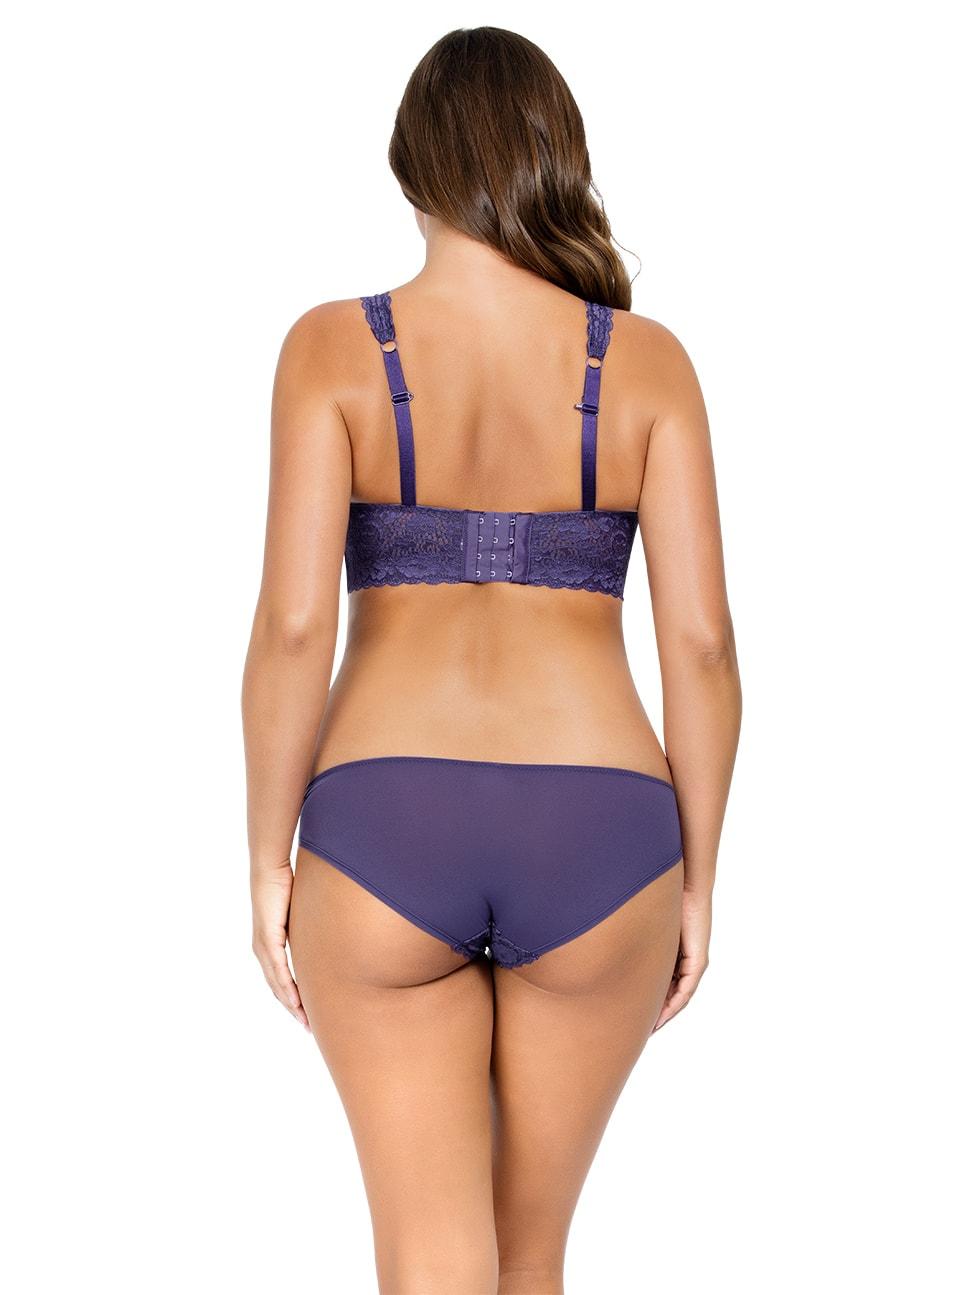 PARFAIT Adriana LaceBraletteP5482 BikiniP5483 Mulberry Back copy 2 - Adriana Lace Bralette - Mulberry - P5482